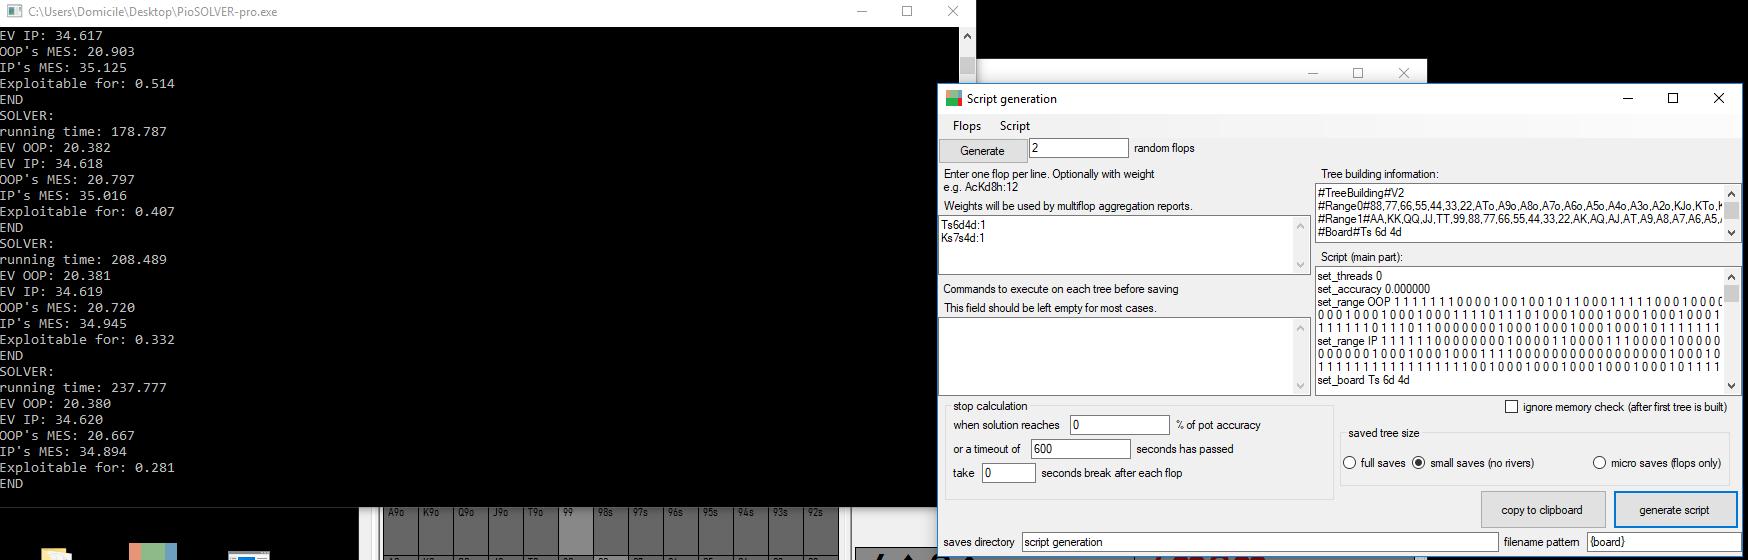 J'utilise PioSolver - CP PioSolver user thread - Page 6